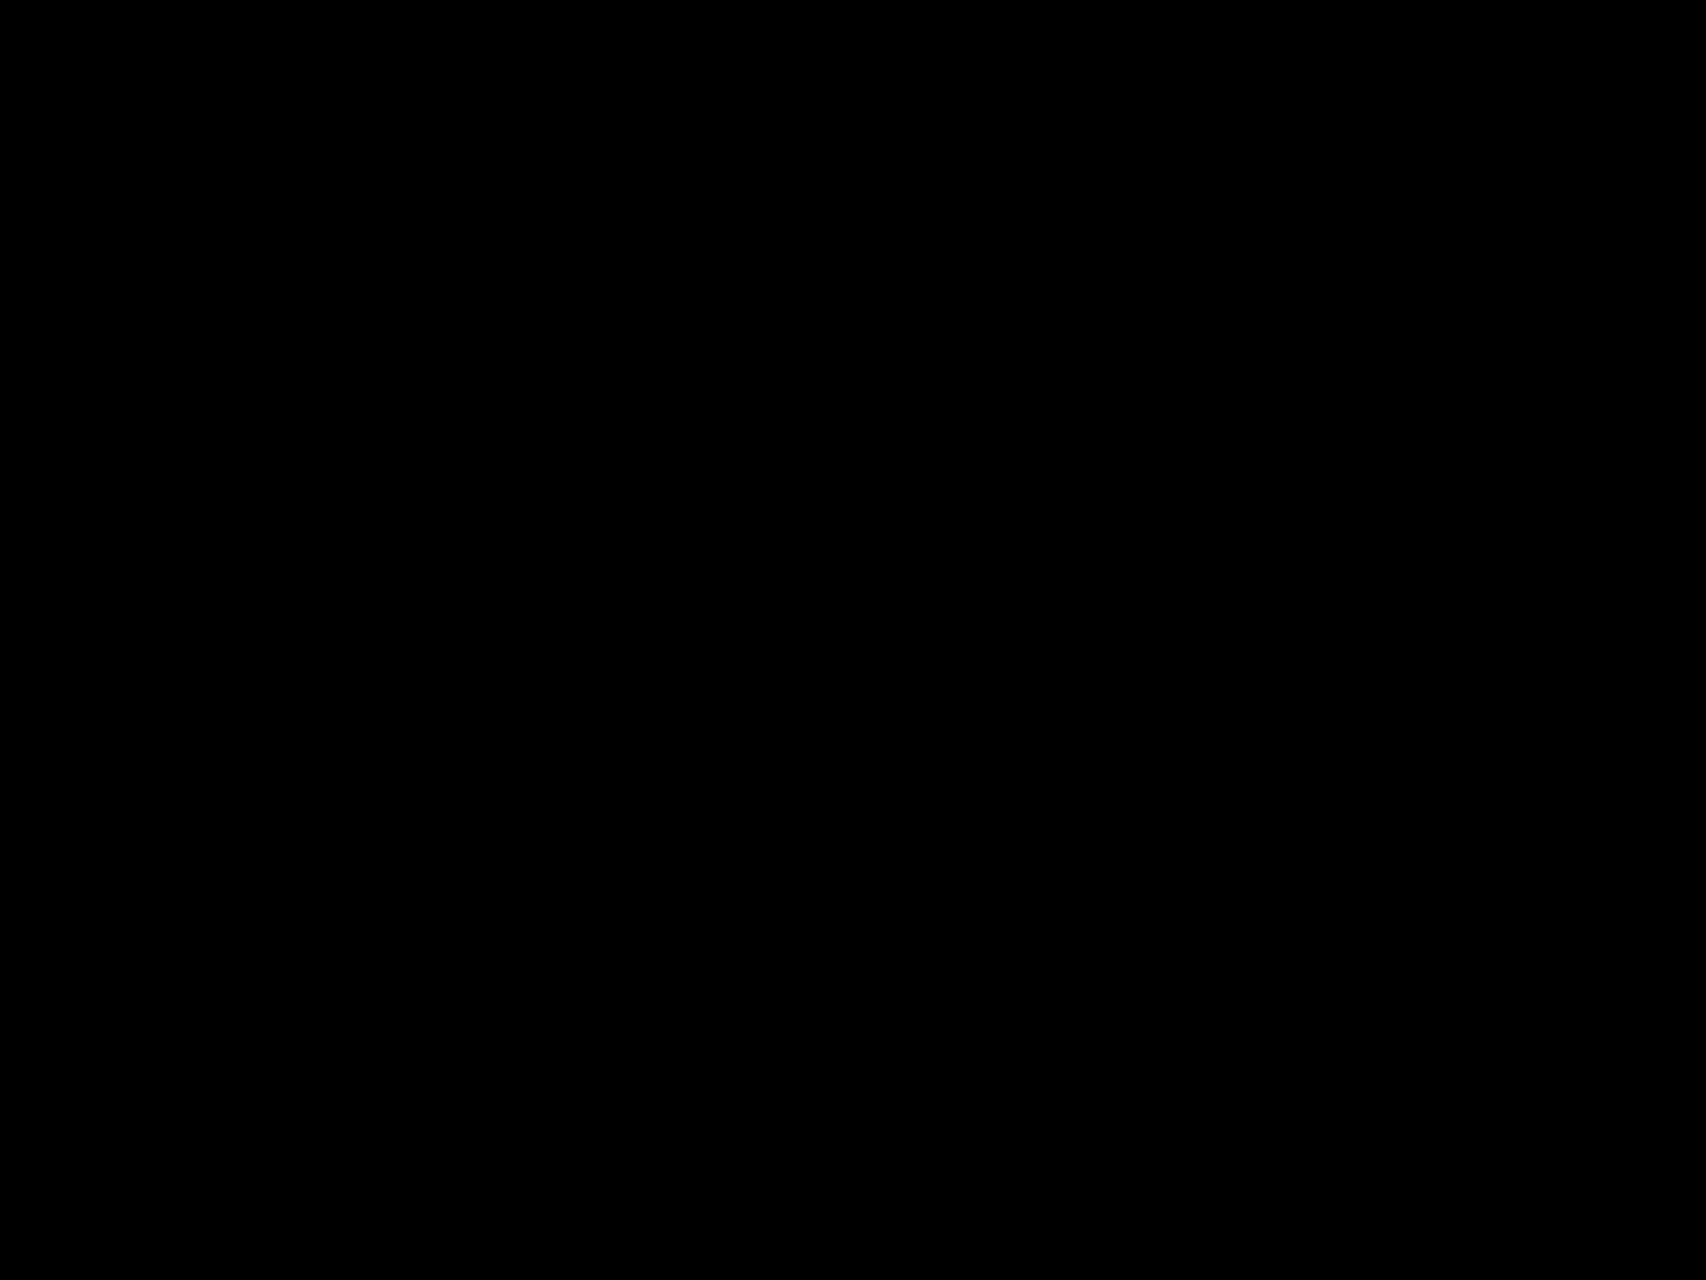 5452_11.jpg